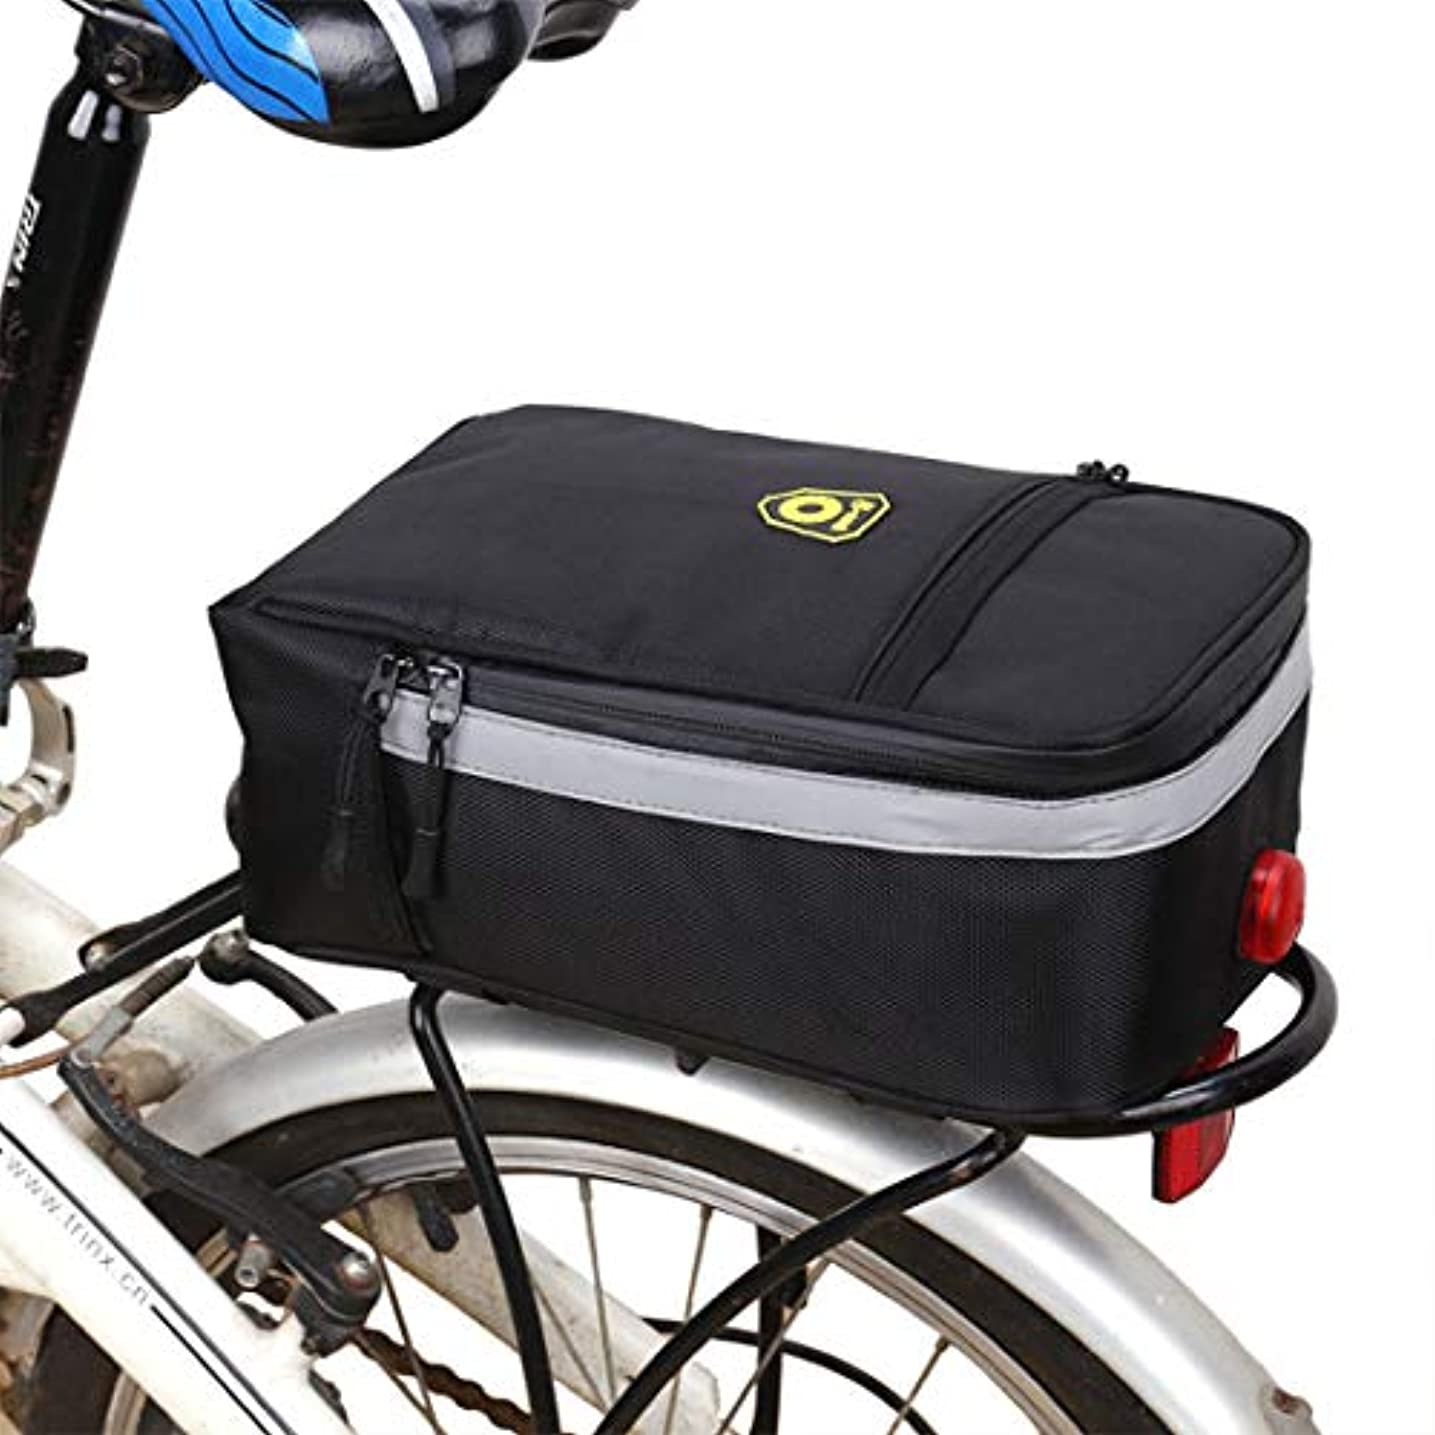 リングバック競う付けるCAFUTY 自転車サドルバッグ防雨MTBロードバイクアクセサリーシートポストバッグテールリアポーチバッグ自転車バッグ (Color : ブラック)